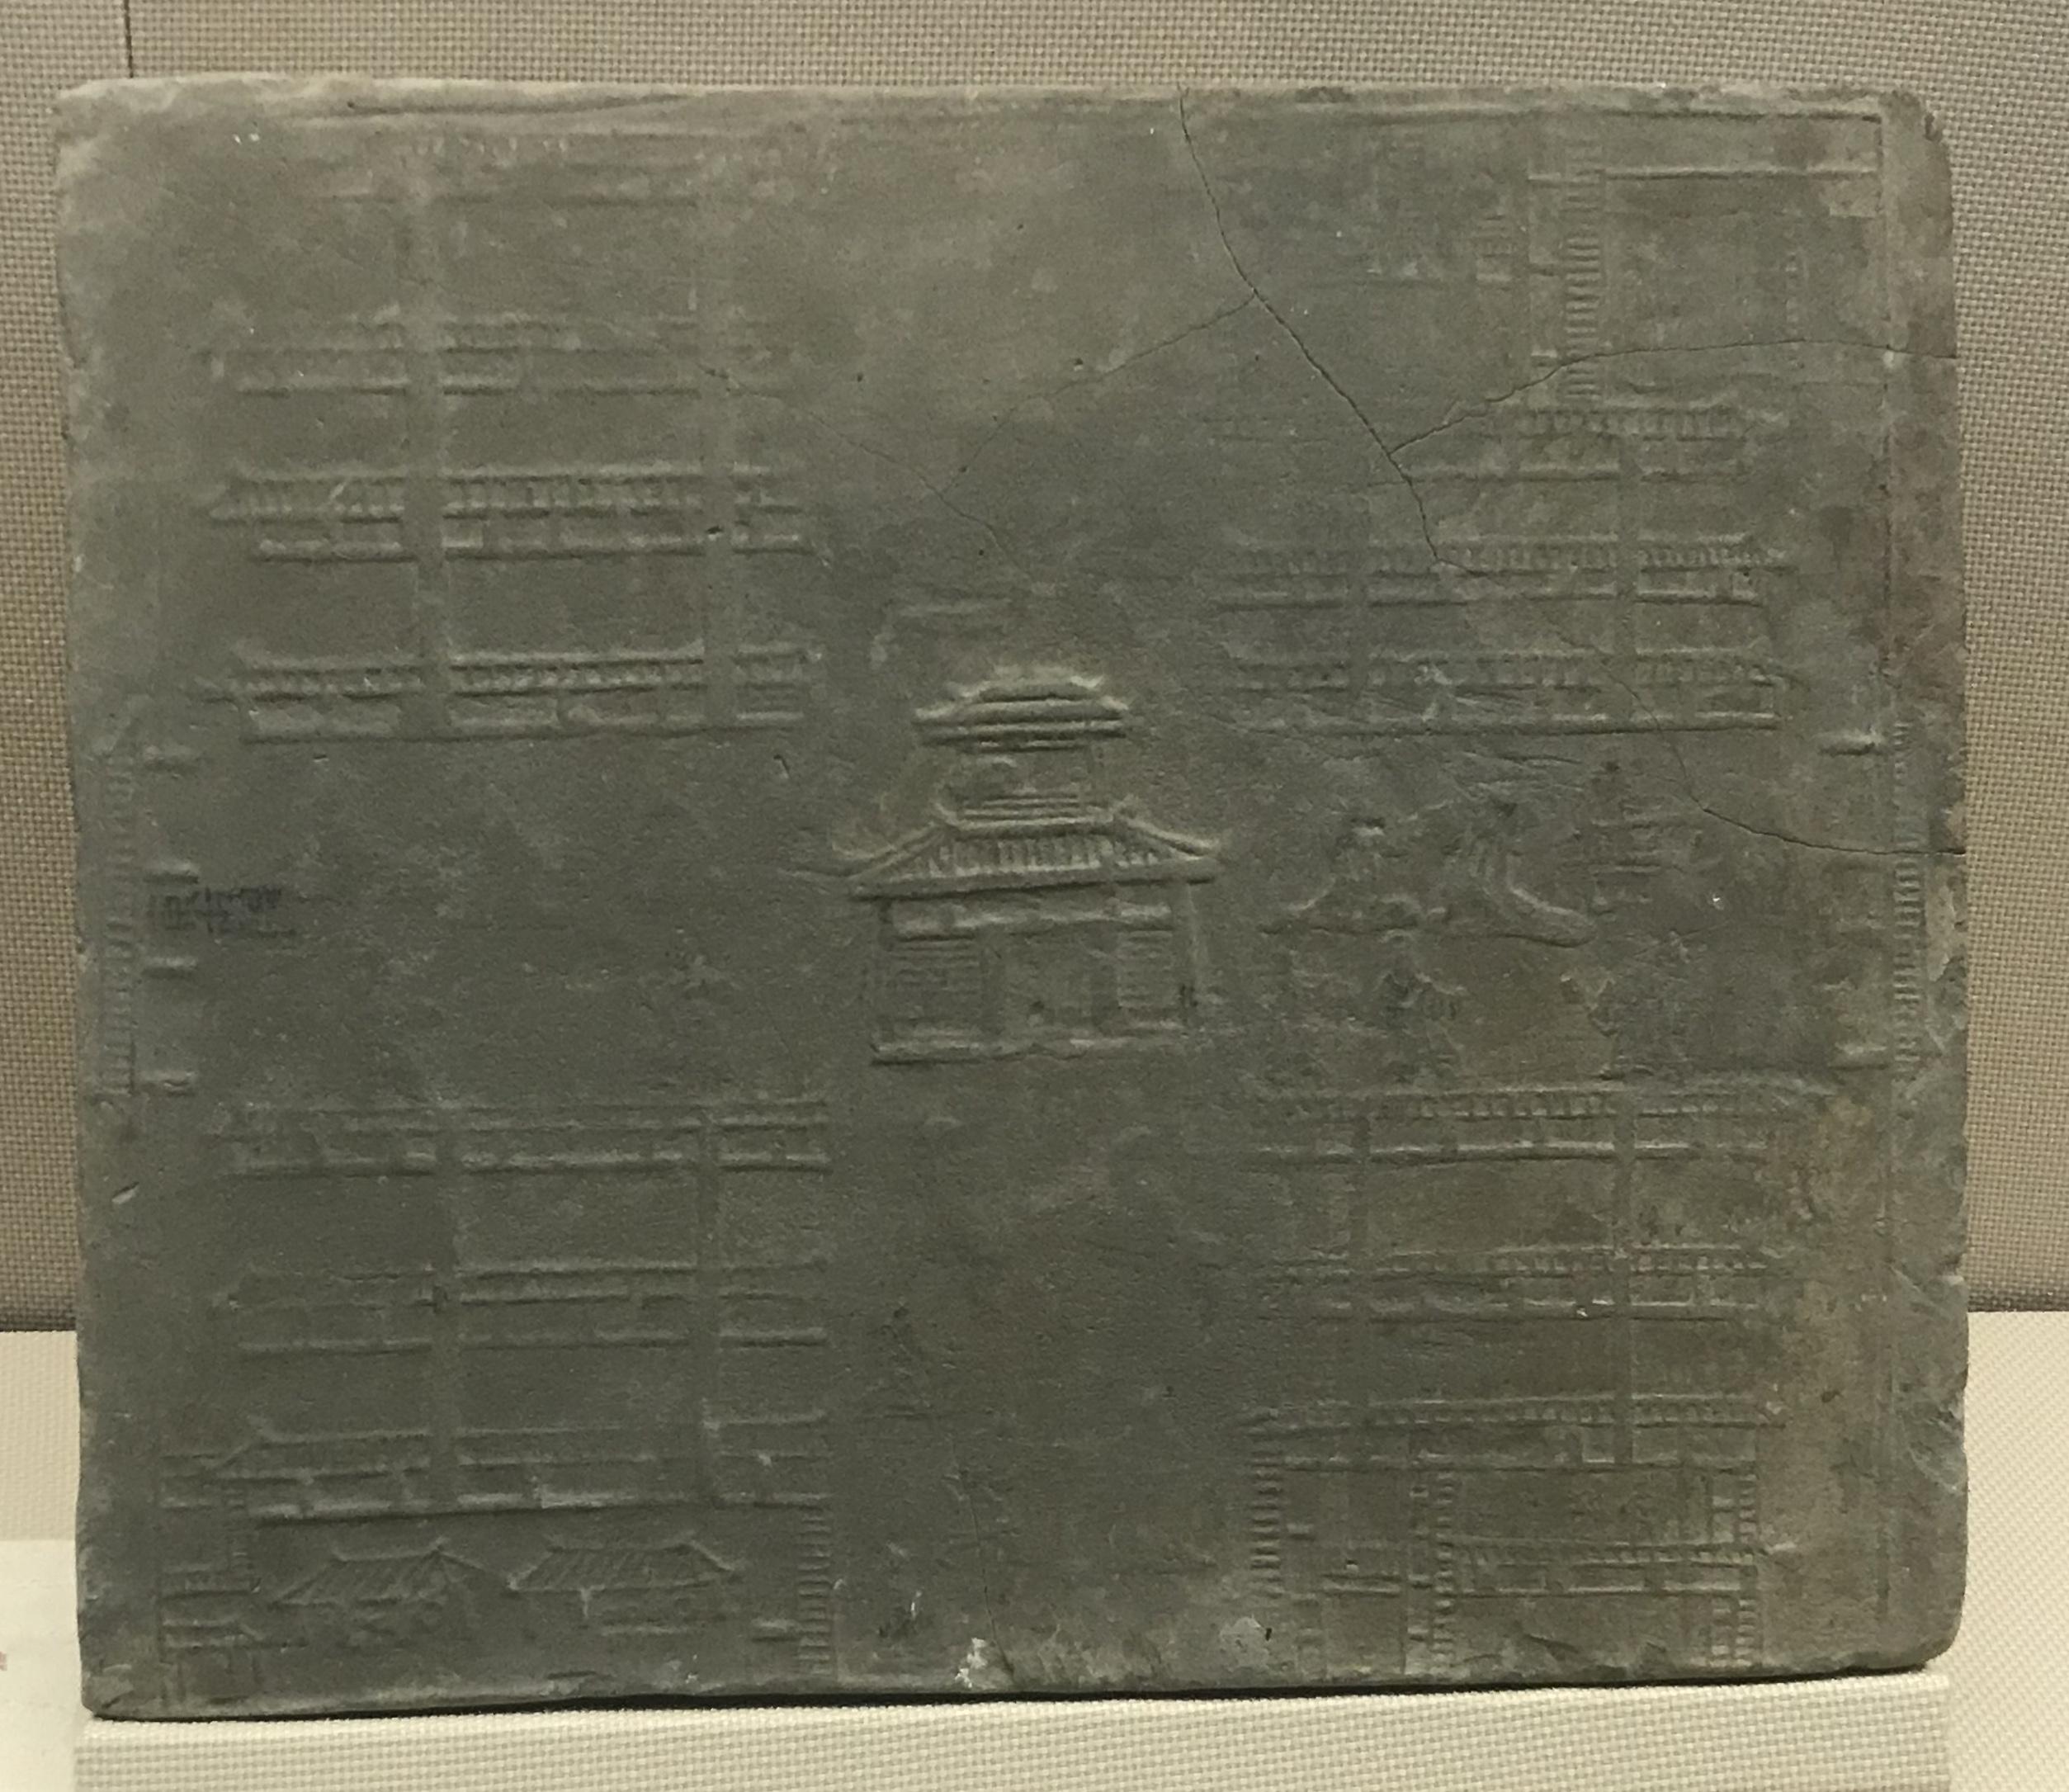 市井1レンガ-東漢- 成都市新都区新繁鎮-四川漢代陶石芸術館-四川博物院-成都